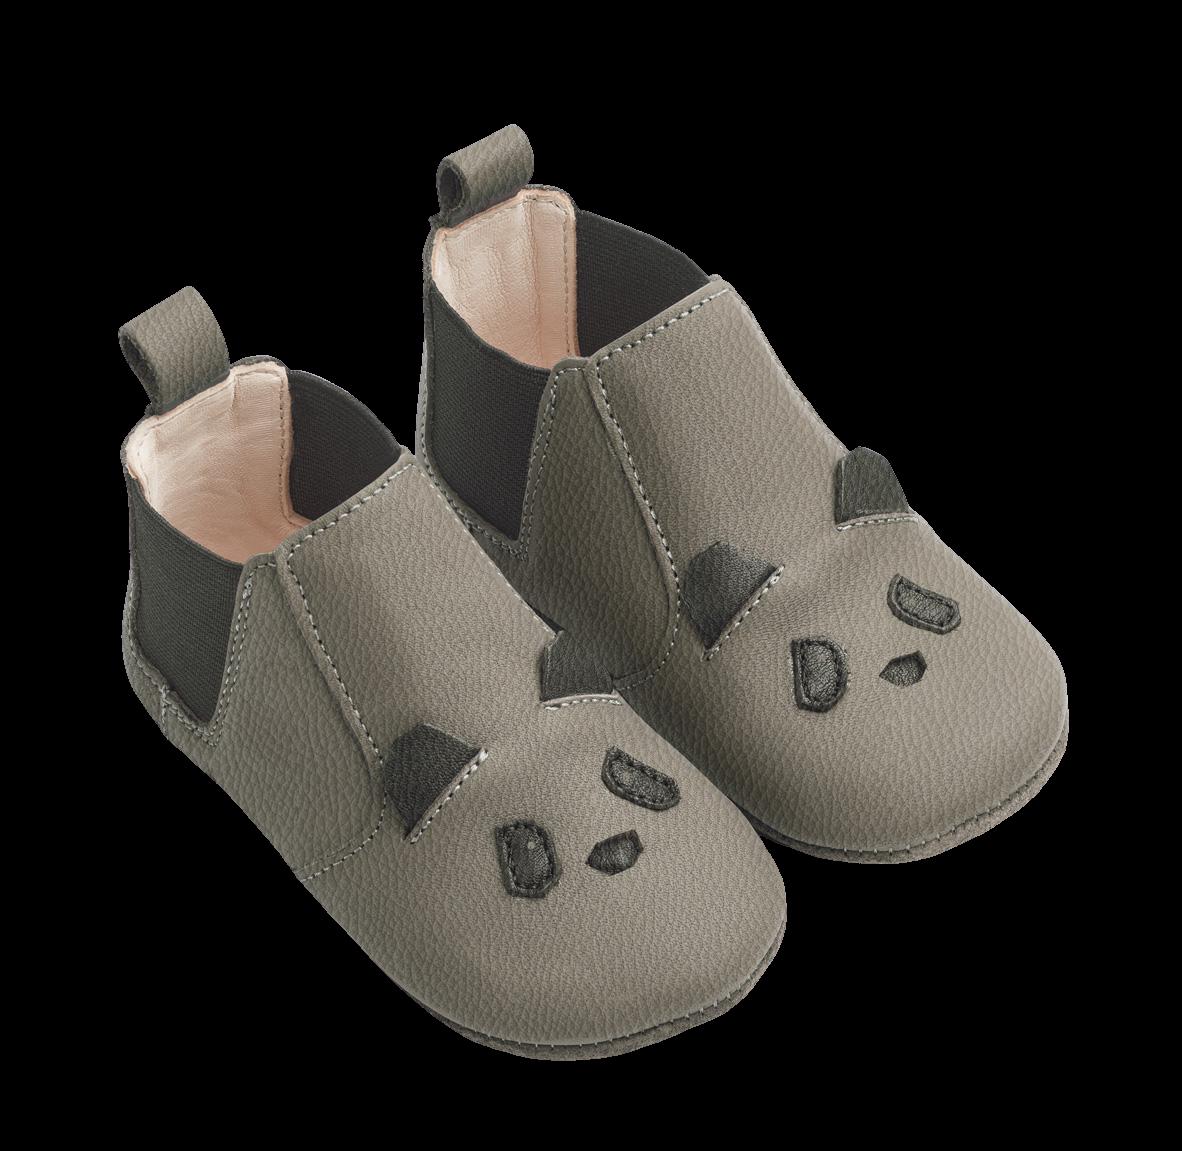 sutsko panda grey